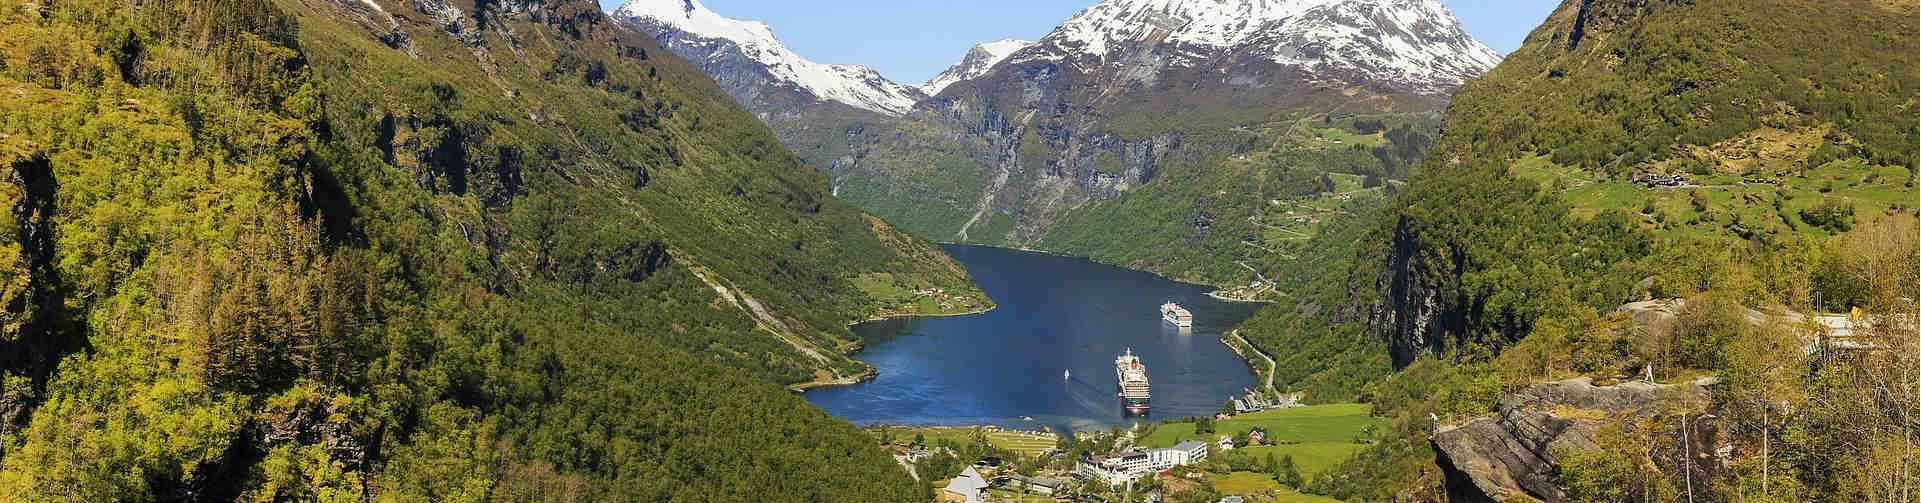 Oslo y Fiordos. Semana Santa